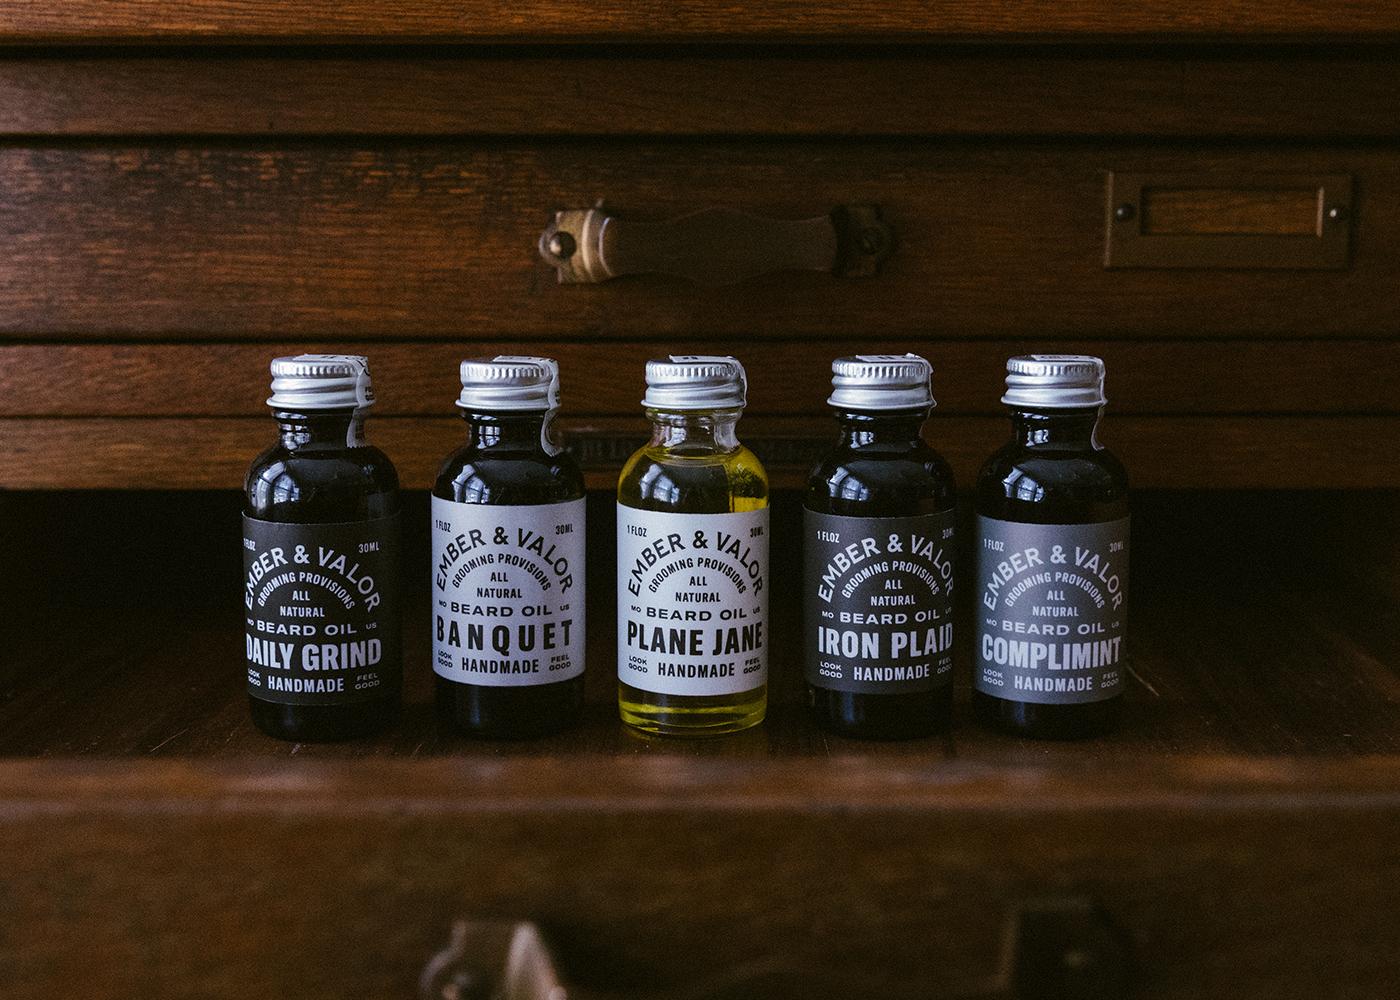 Studio Freight - Ember & Valor Beard Oil Packaging